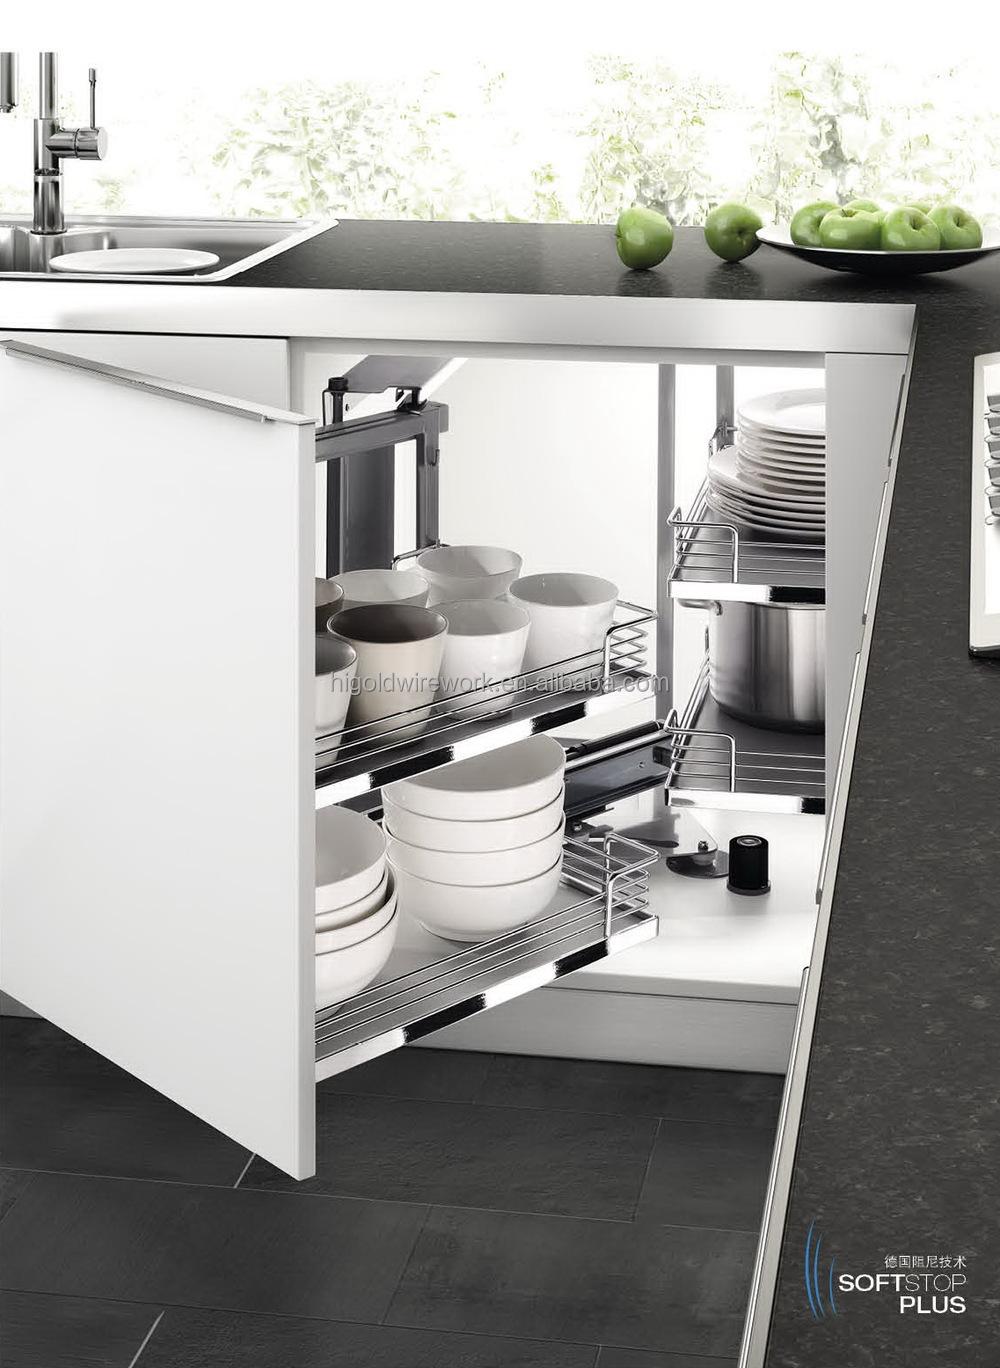 Lampadari design per camera da letto shabby - Mobile angolare cucina ...